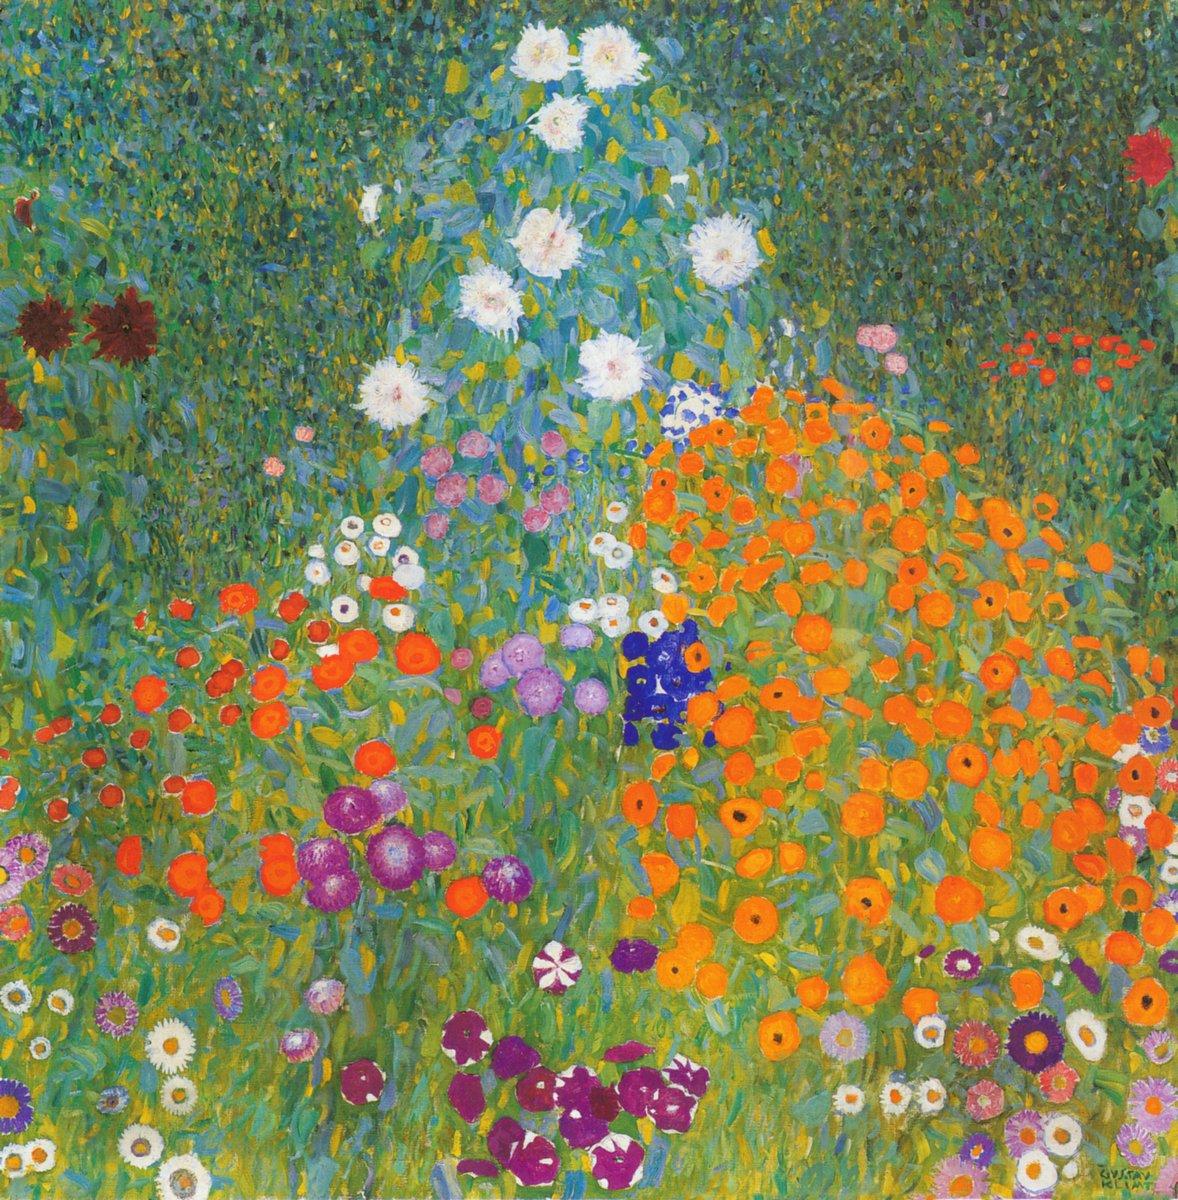 Яркие картины, картина Климт Густав «Цветочный сад»Яркие картины<br>Репродукция на холсте или бумаге. Любого нужного вам размера. В раме или без. Подвес в комплекте. Трехслойная надежная упаковка. Доставим в любую точку России. Вам осталось только повесить картину на стену!<br>